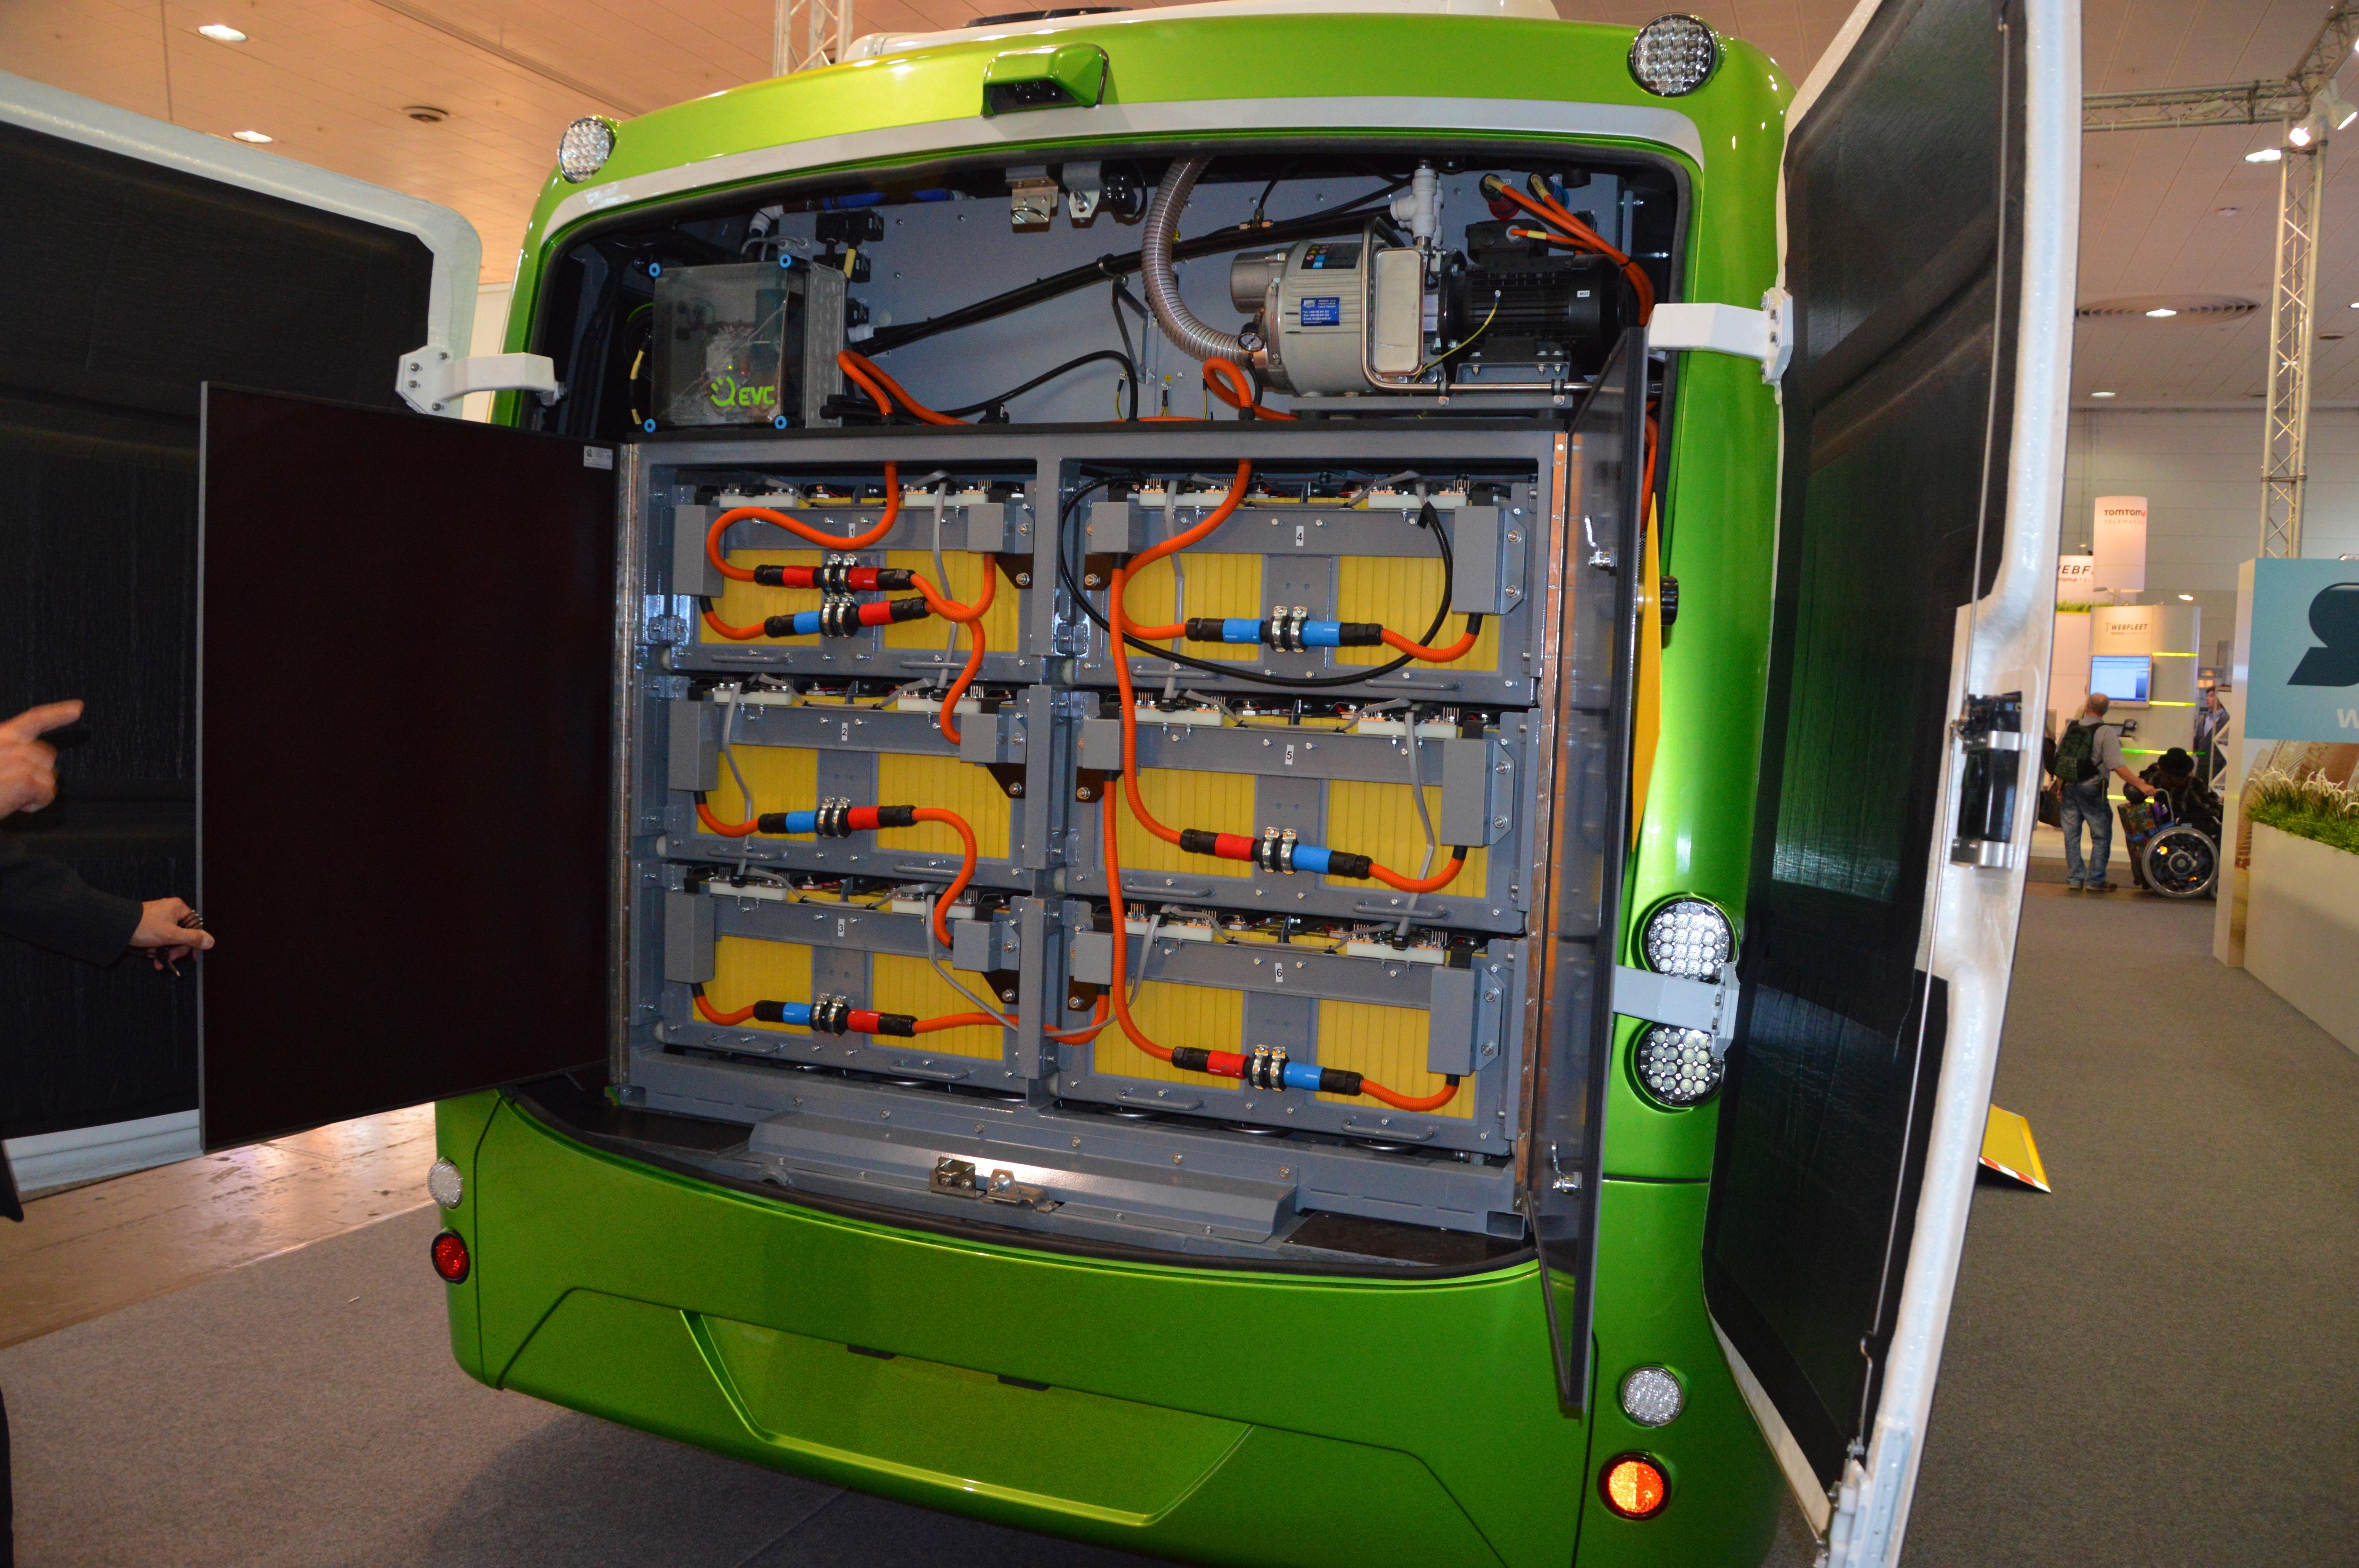 File:sor Bus Ebn 11 Traction Batteries Spielvogel 2014g